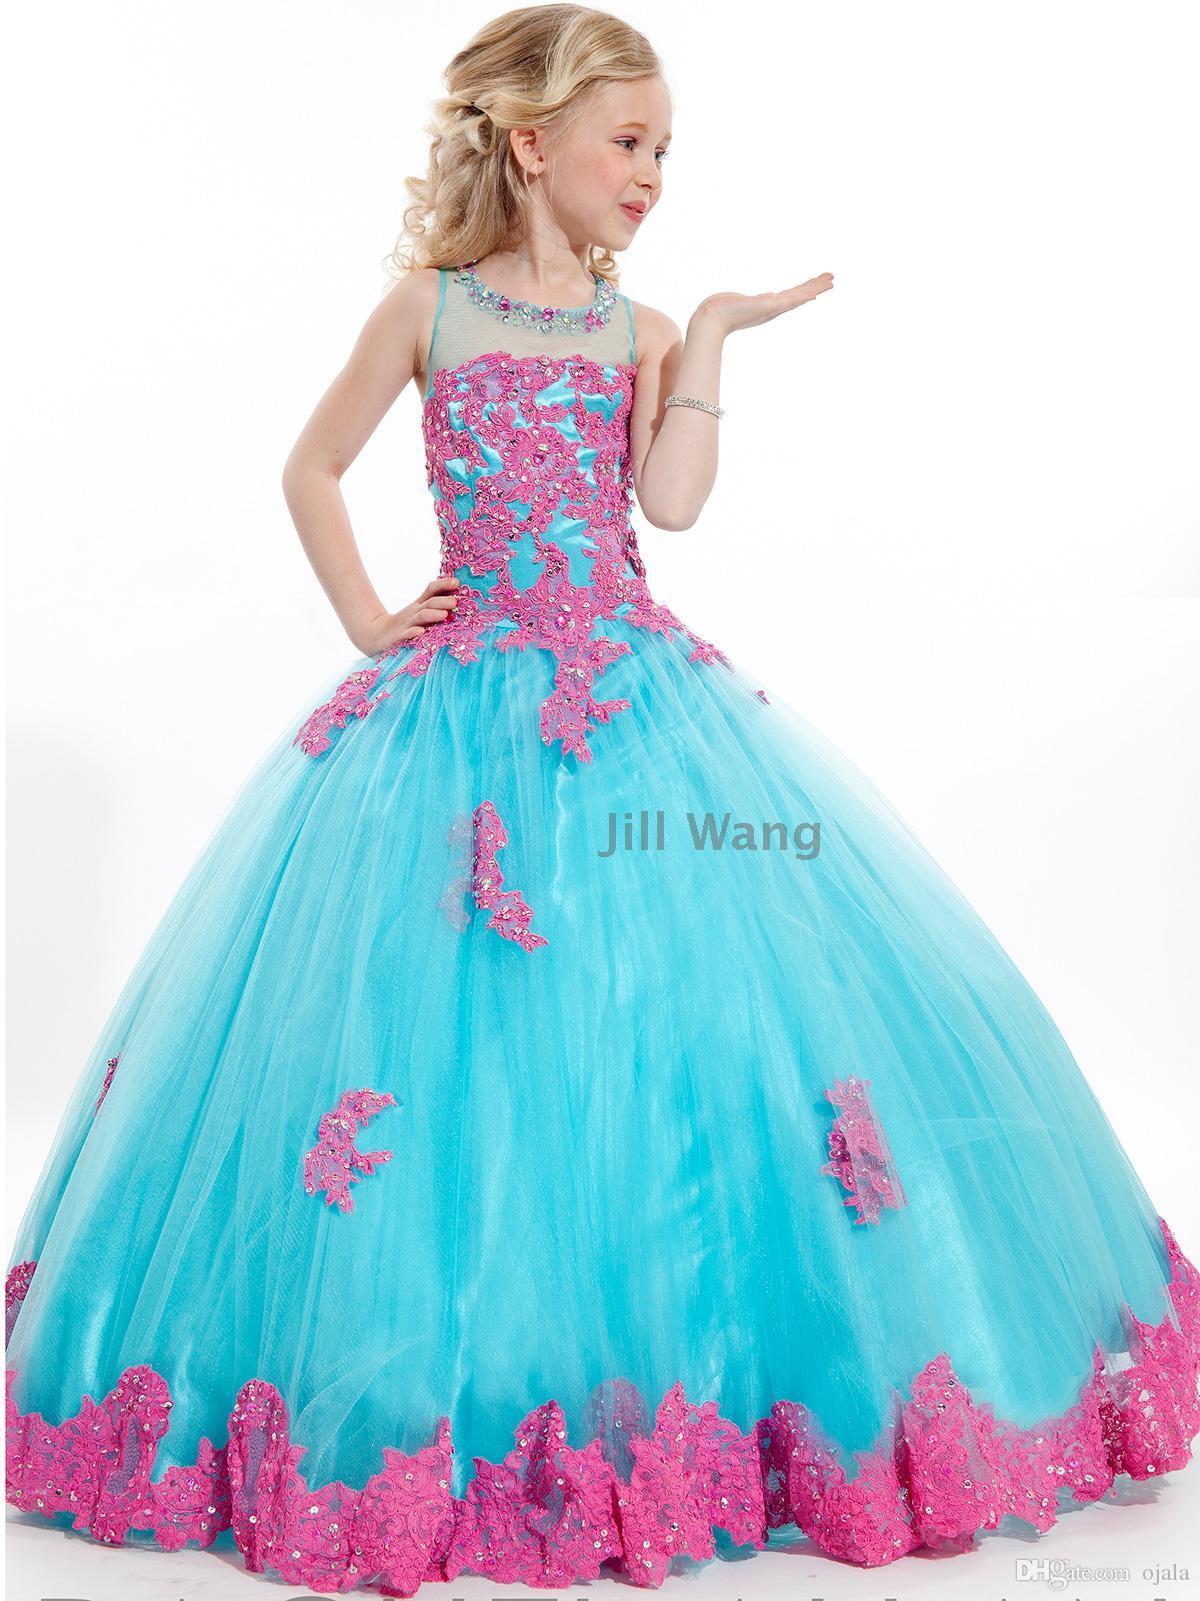 21 2016 princess flower girl dresses for weddings girls 100% real ...